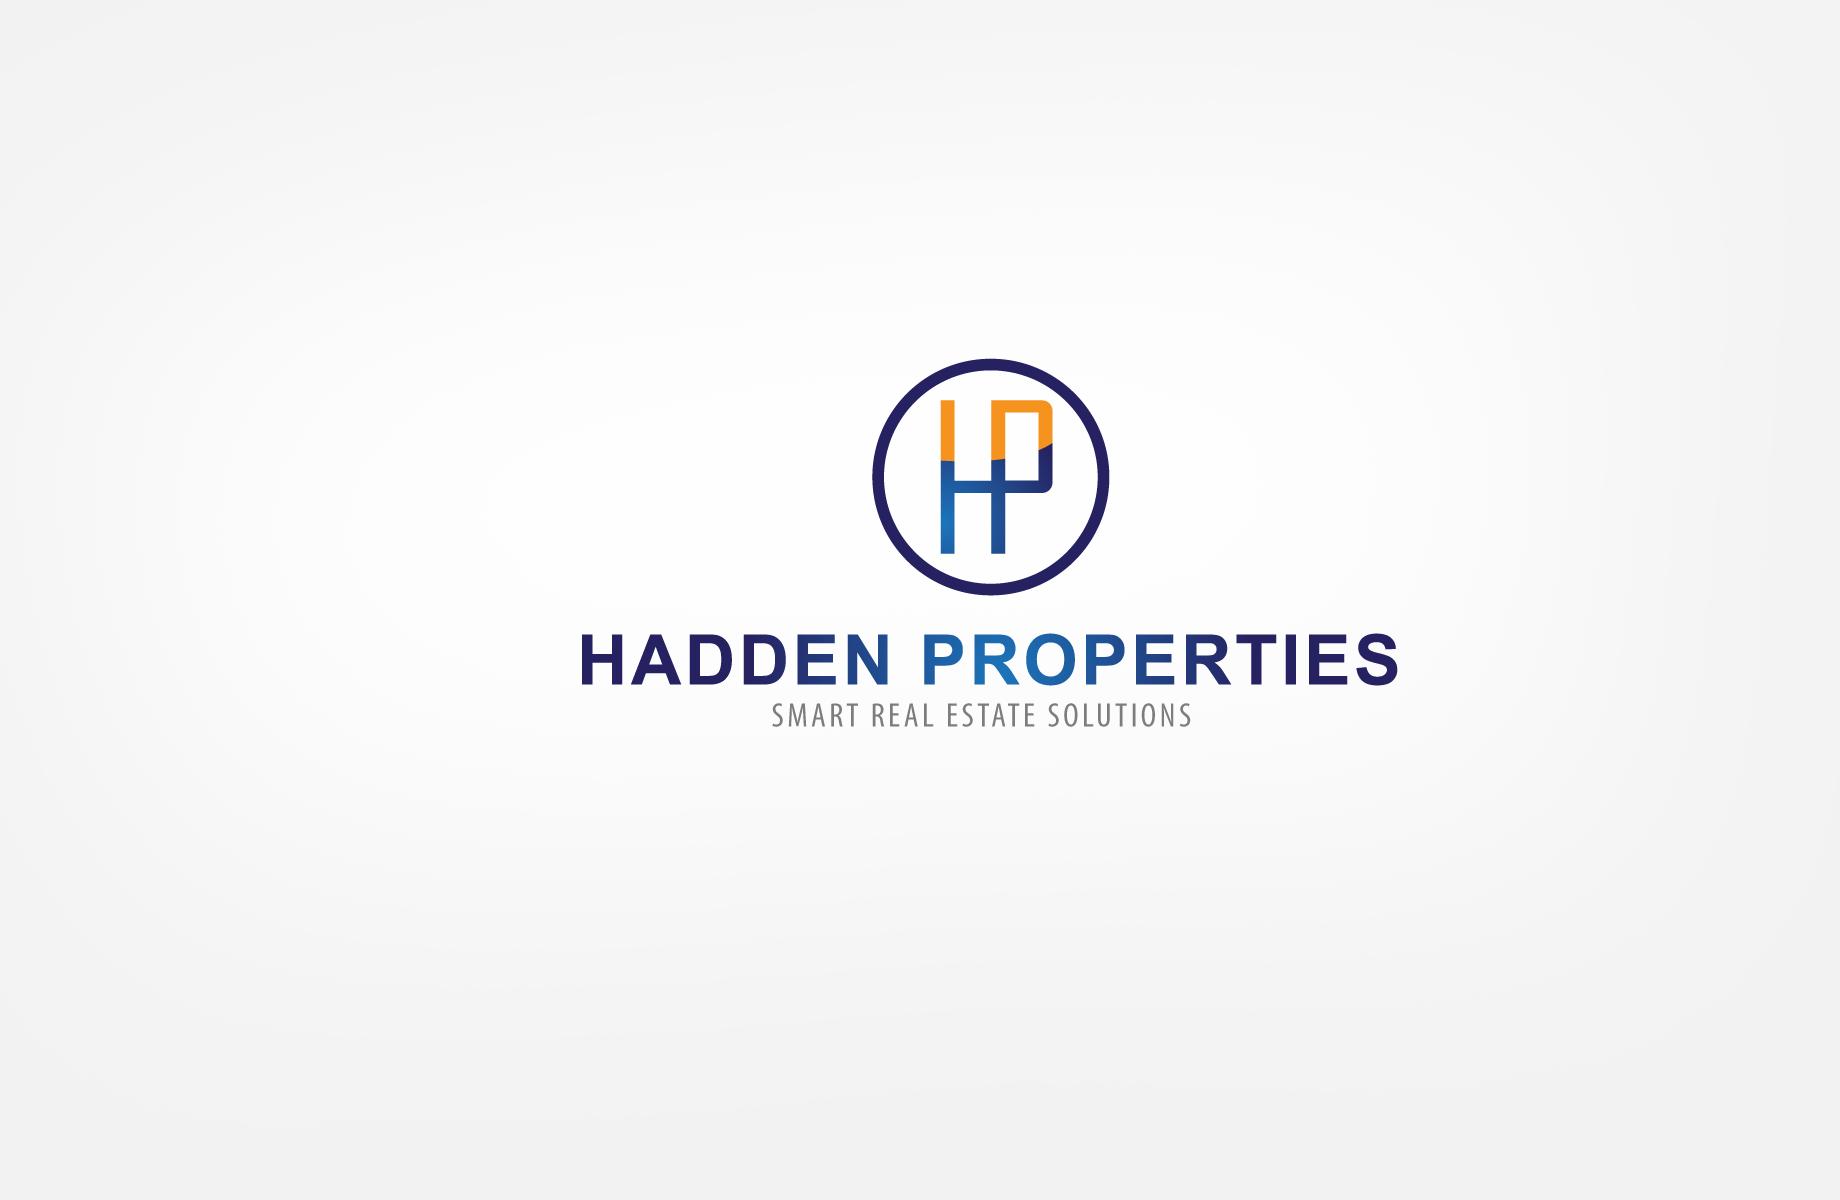 Logo Design by Jan Chua - Entry No. 56 in the Logo Design Contest Artistic Logo Design for Hadden Properties.